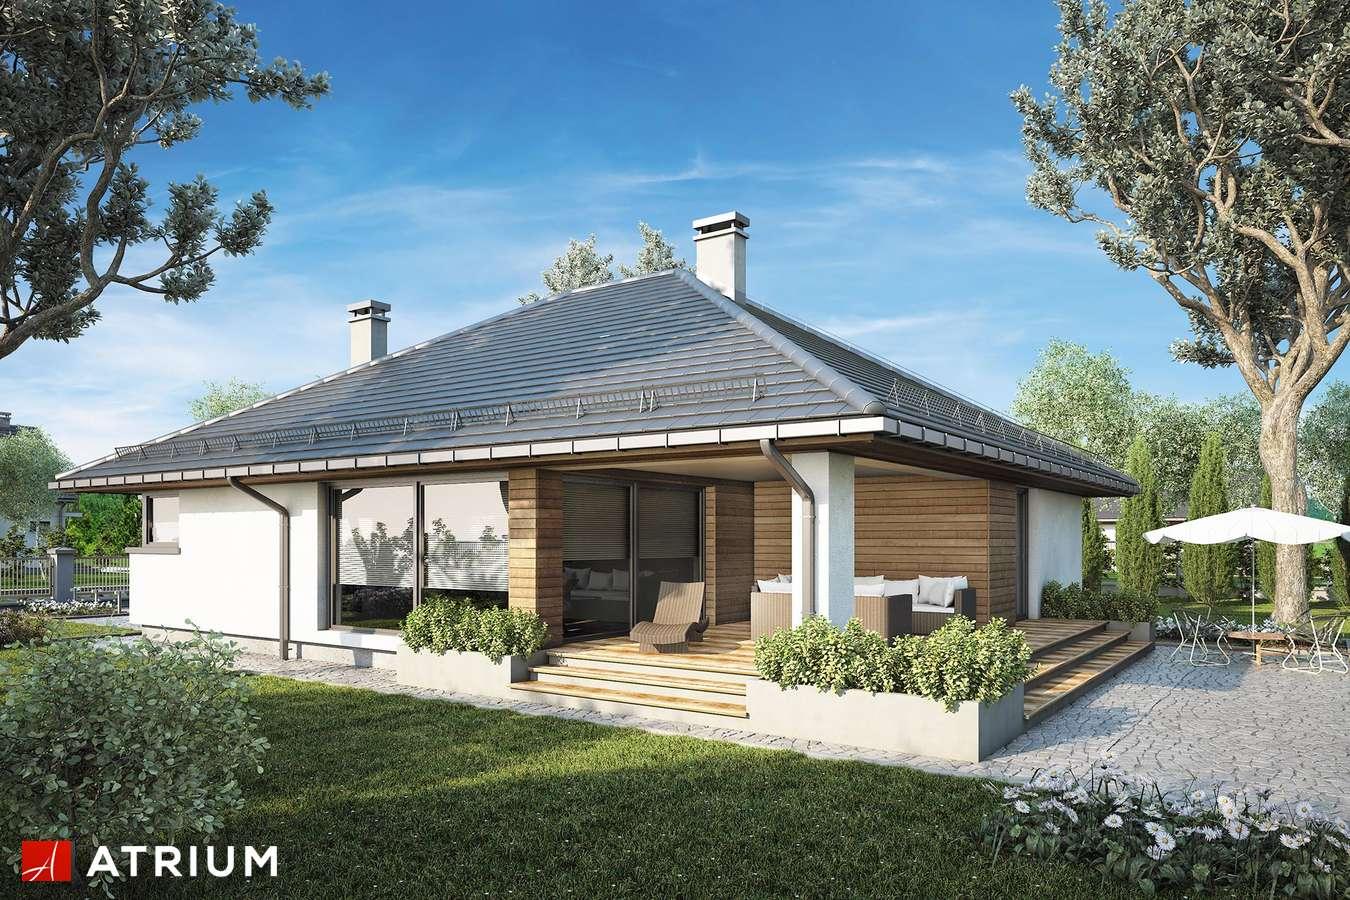 Projekty domów - Projekt domu parterowego KRASKA - wizualizacja 2 - wersja lustrzana